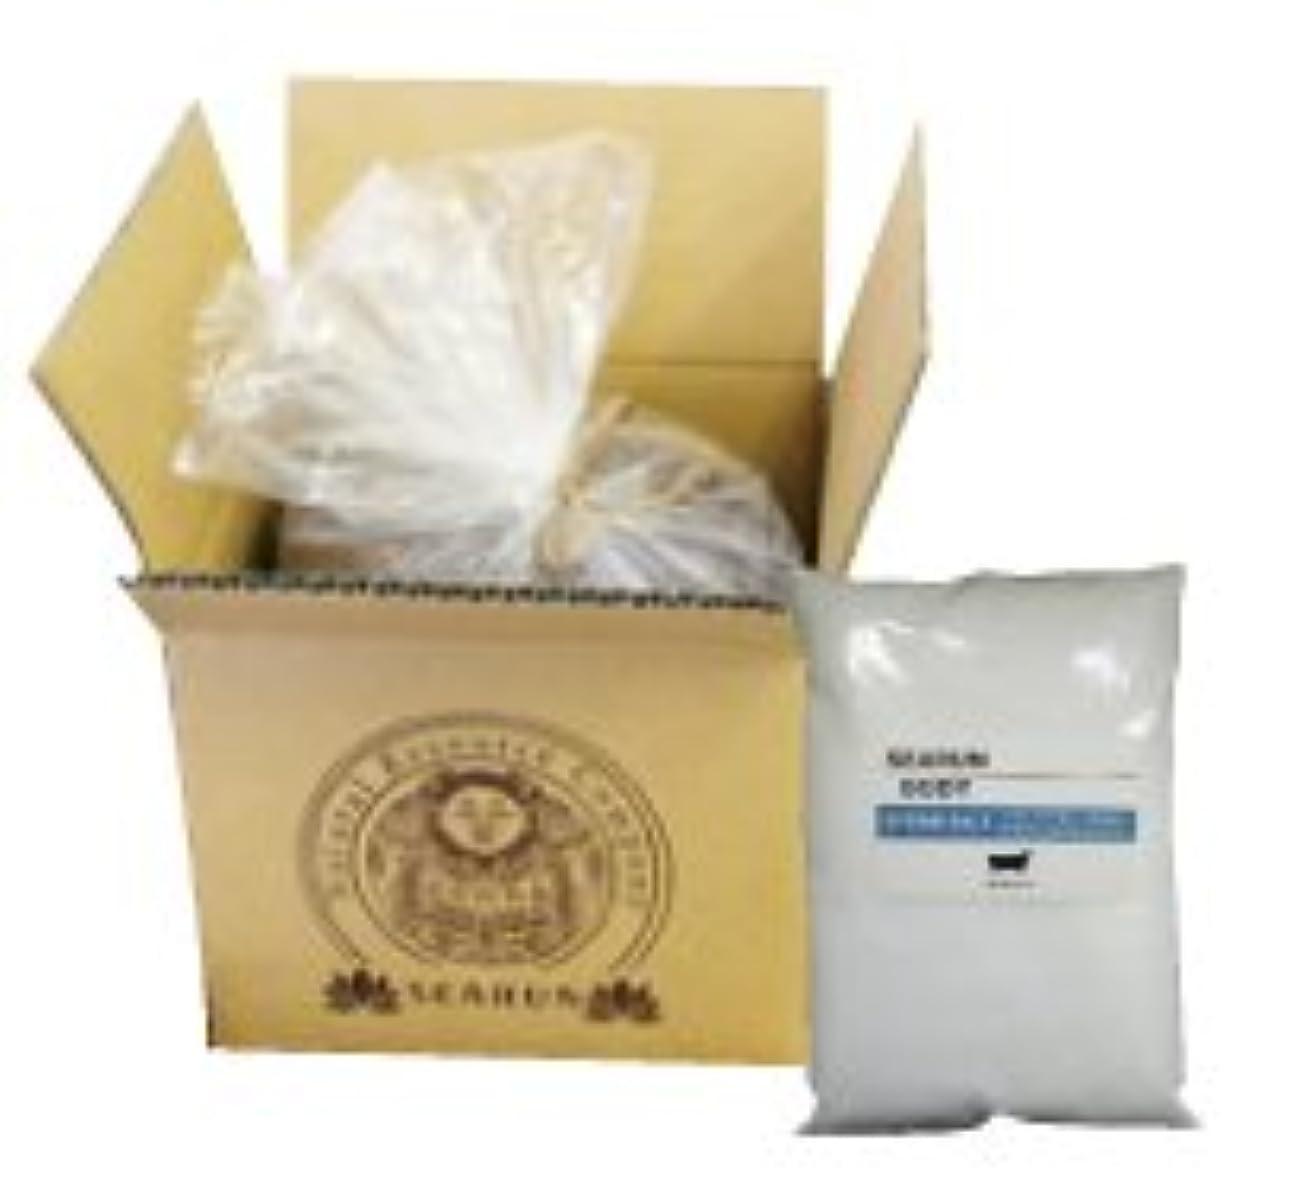 排泄するモトリー慈善デッドシーソルト(DEADSEA SALT)死海の塩 1kg (5kg)